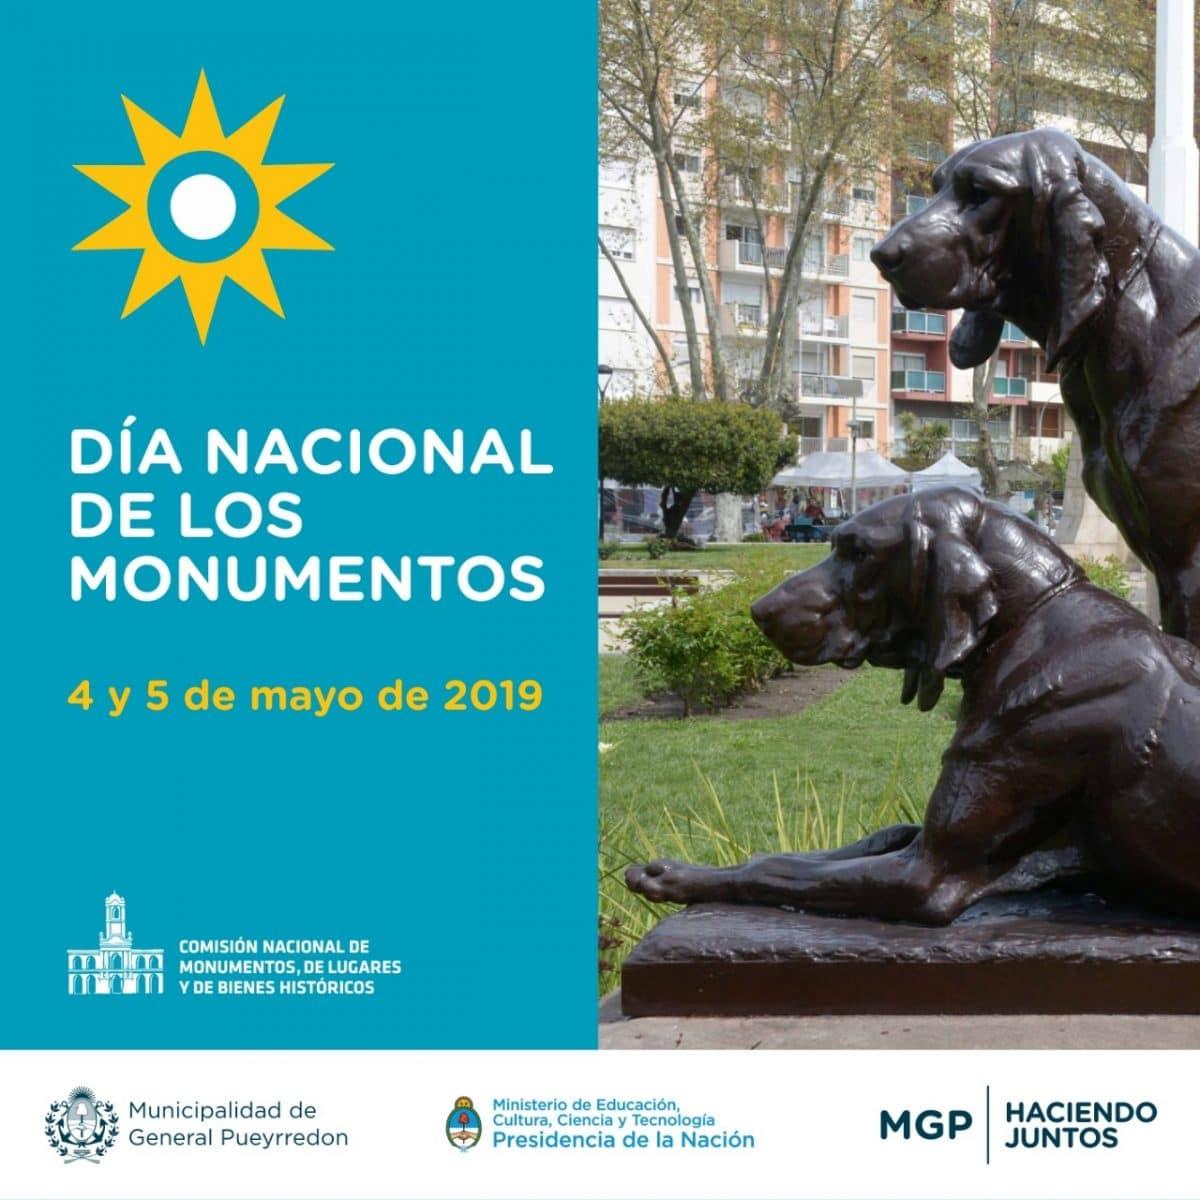 Día Nacional de los Monumentos: visita guiada en Plaza San Martín y museos abiertos